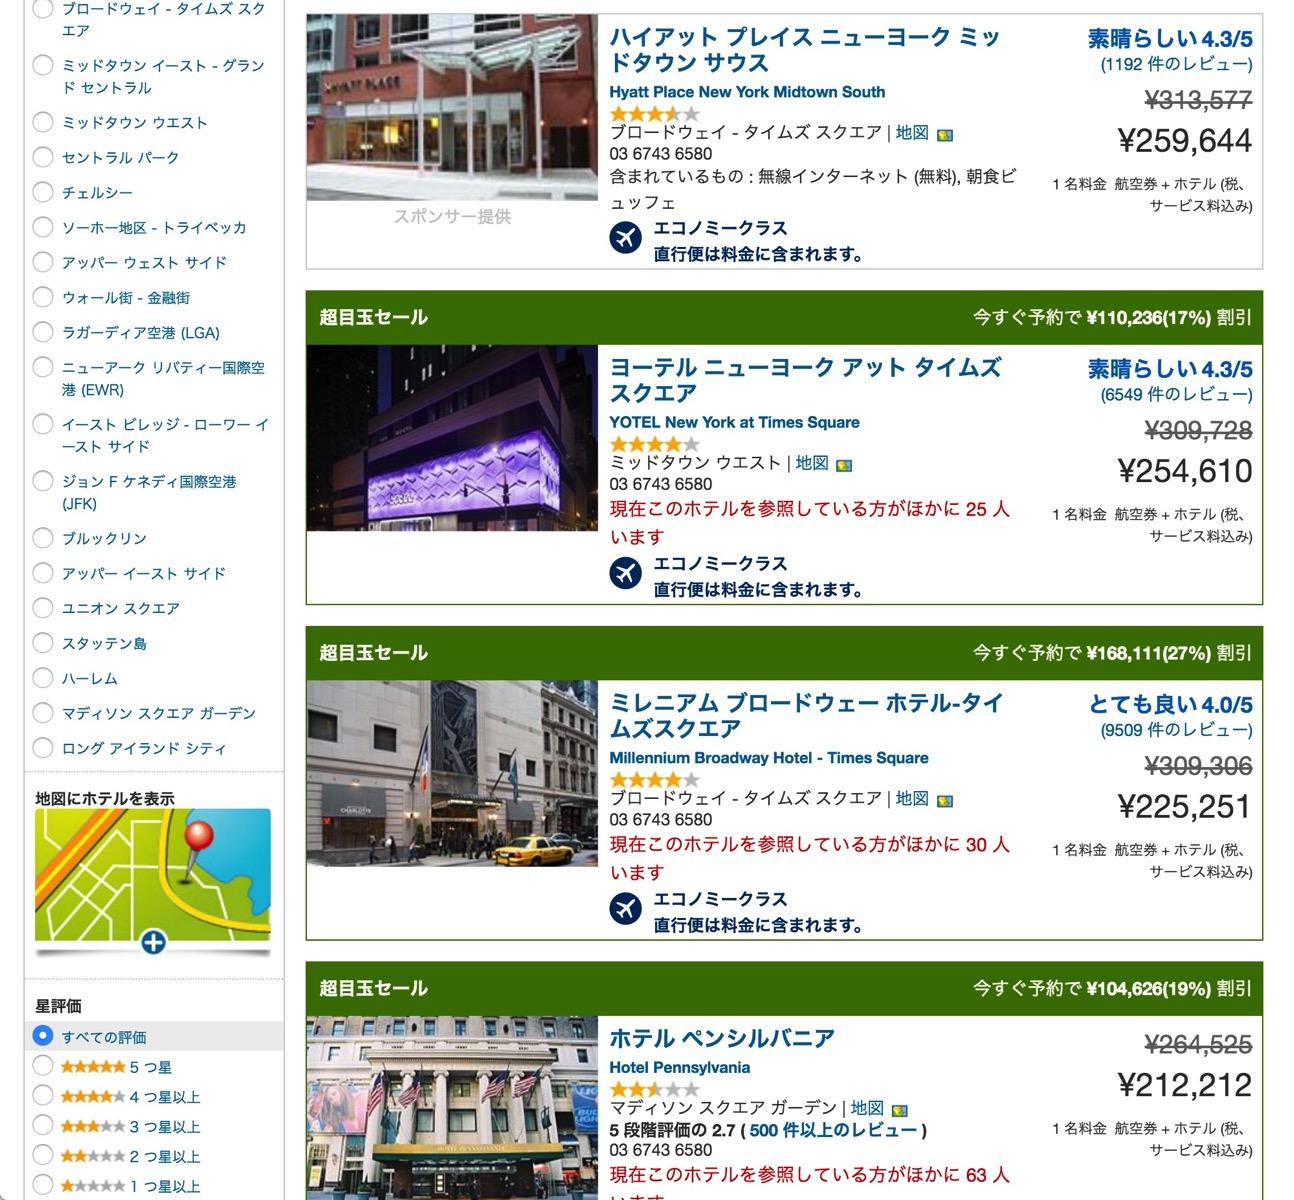 東京 NRT 成田国際空港 ニューヨーク およびその周辺 格安ツアー予約|エクスペディア